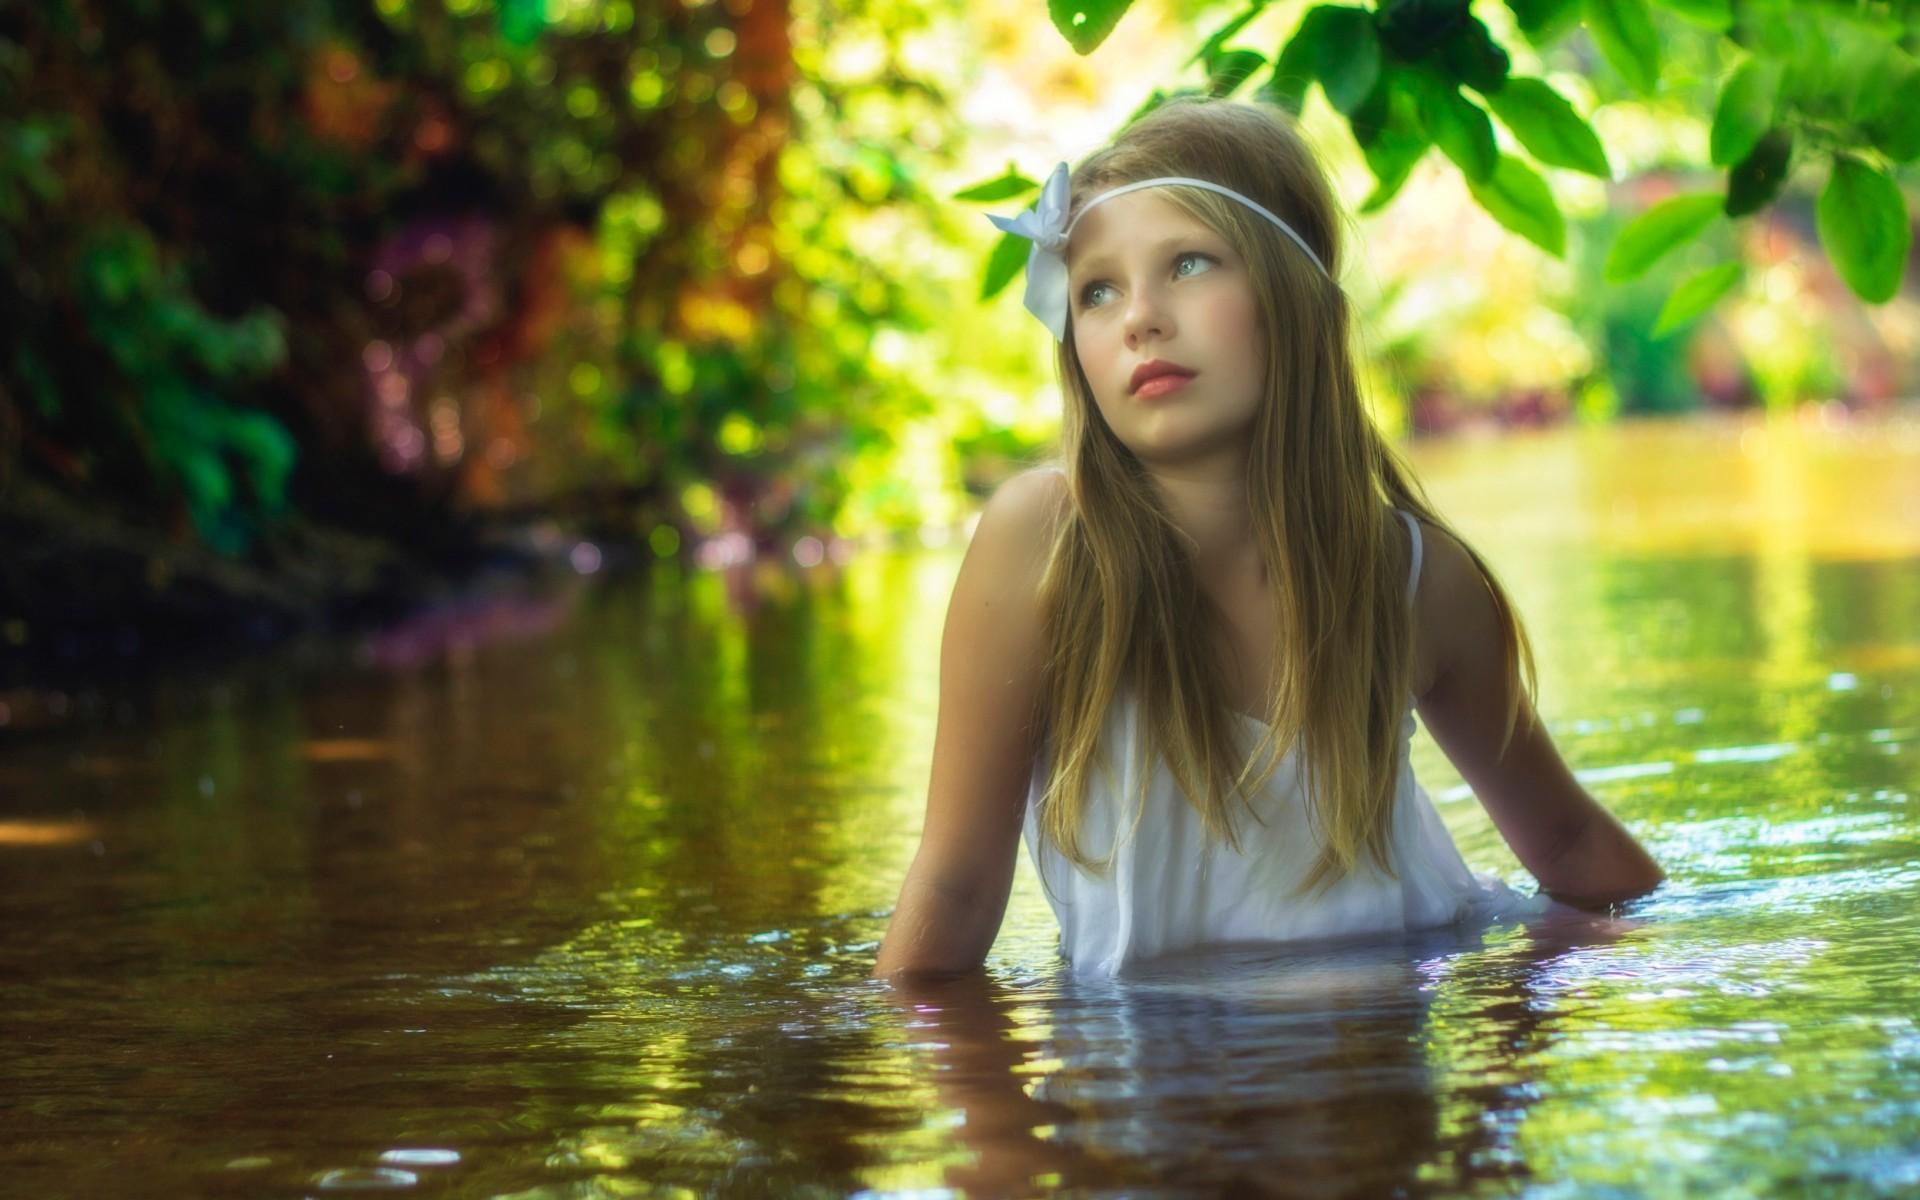 دختر در آب رودخانه